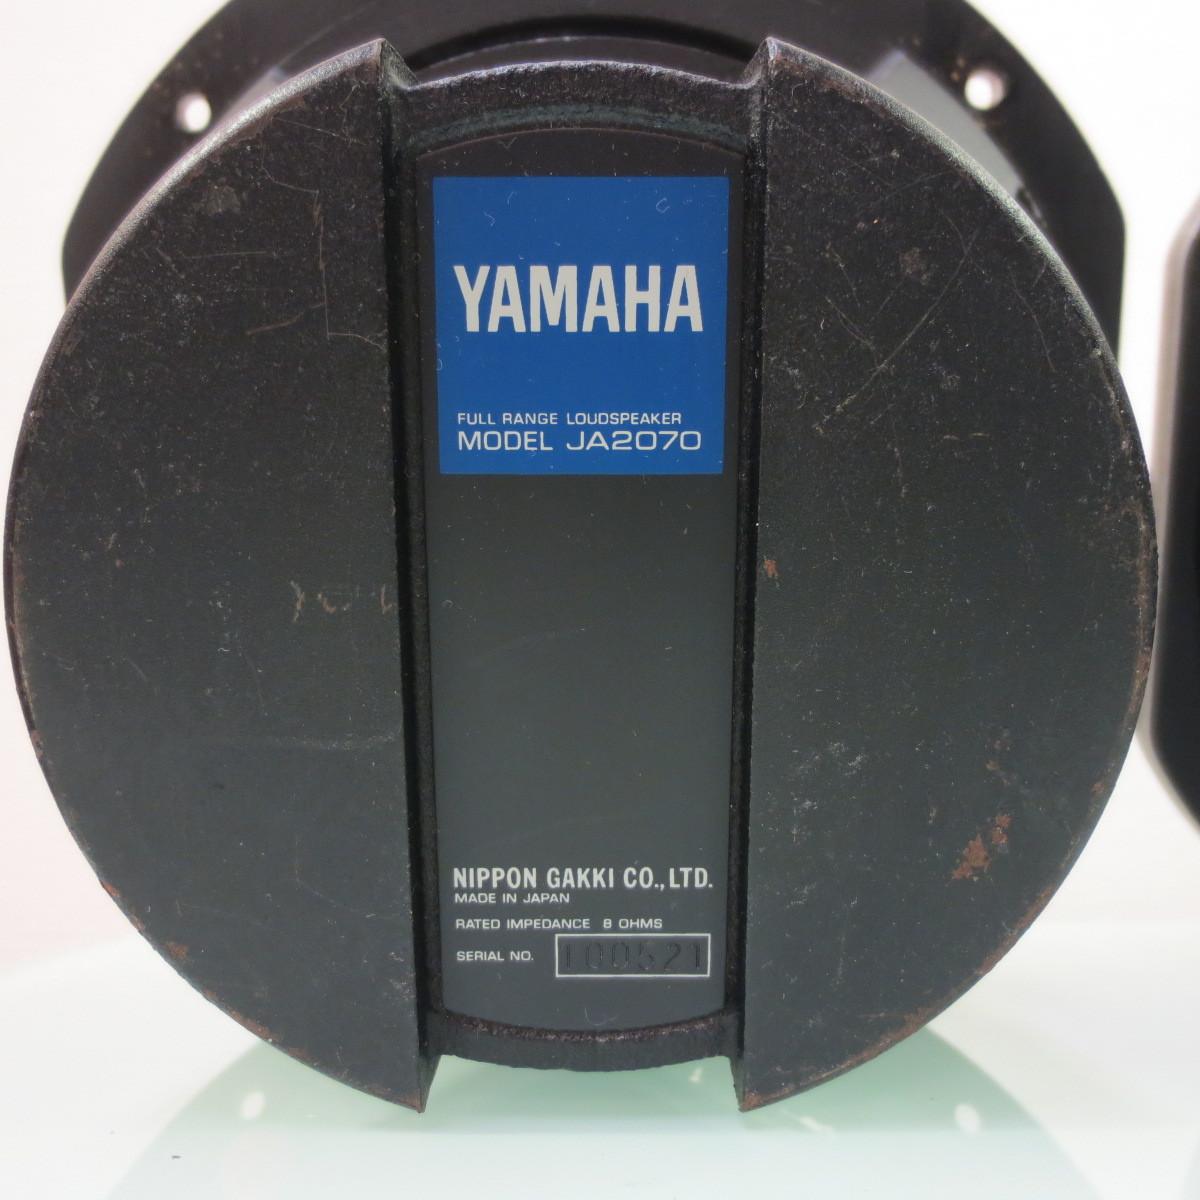 ・【希少 レア】 ヤマハ YAMAHA Model JA-2070 アルニコ フルレンジ ユニット <中古品>_画像7